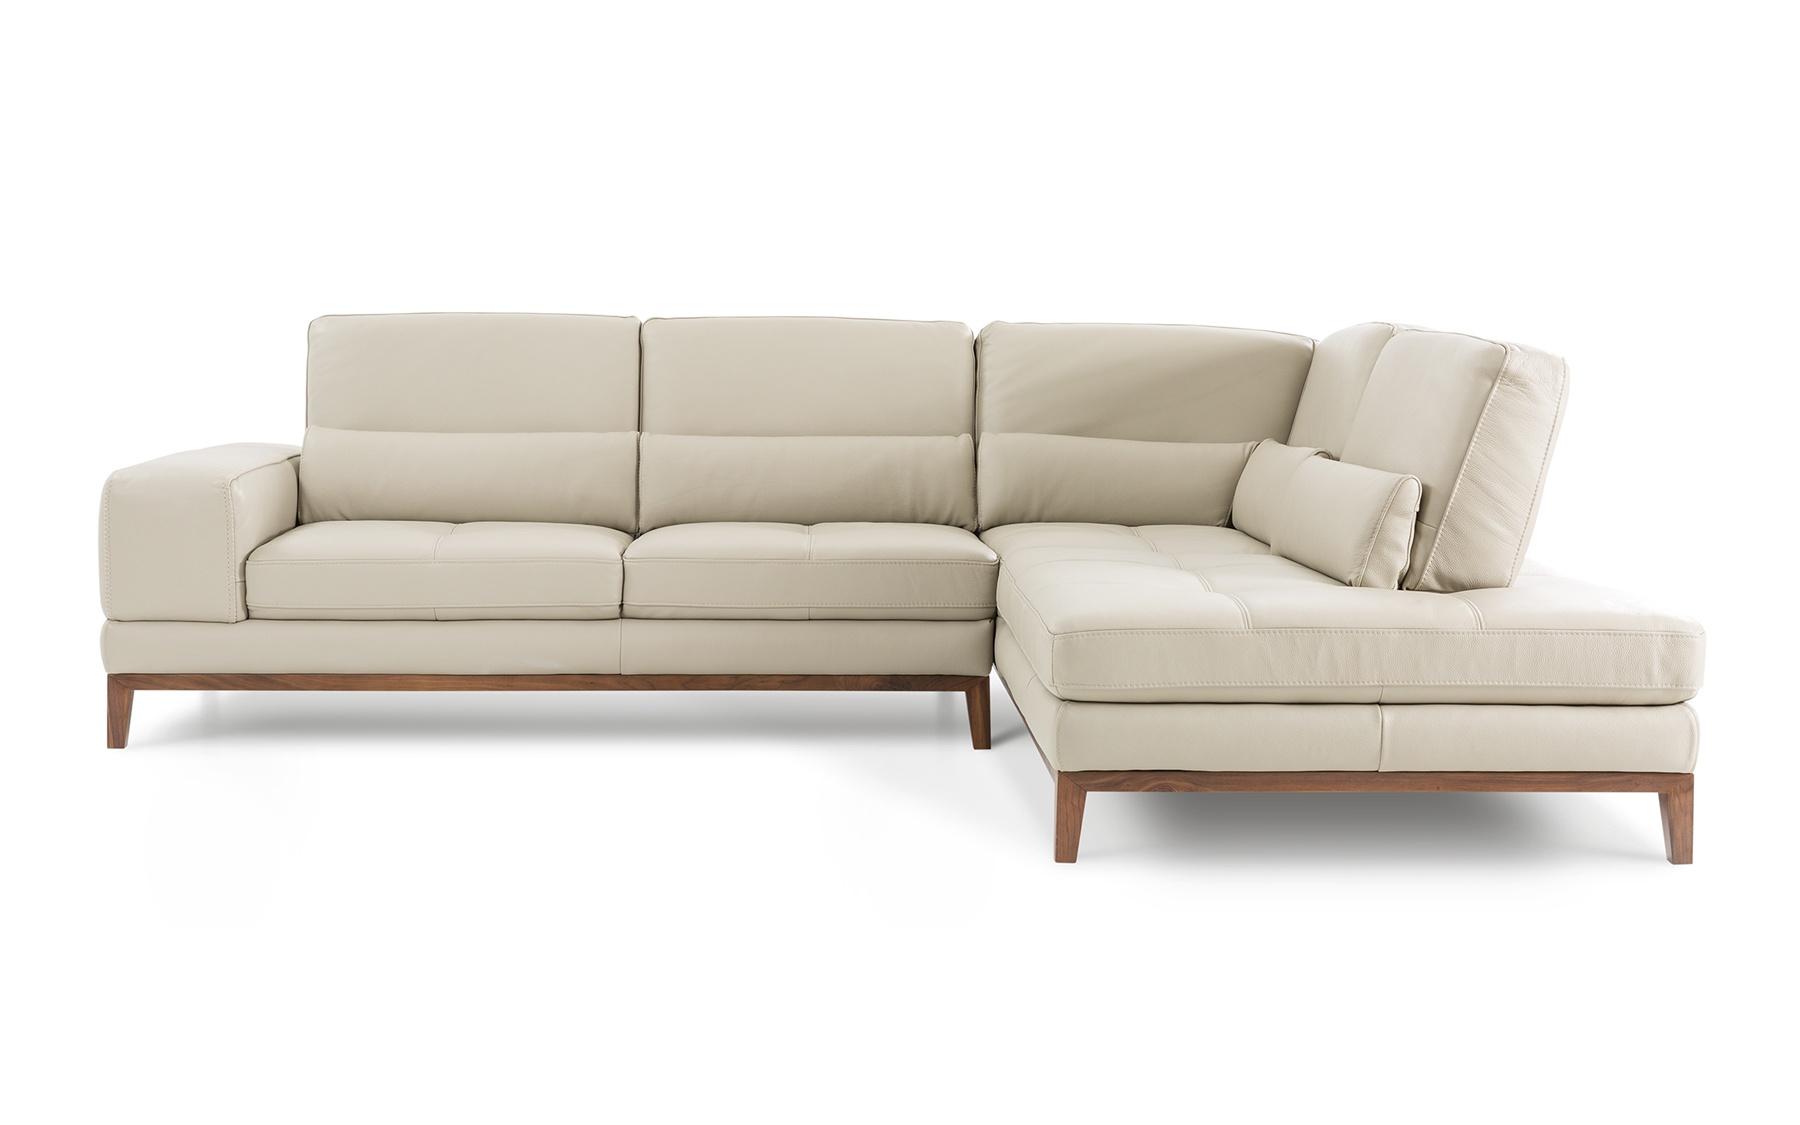 canap composable cuir c884 composables salons la galerie du meuble. Black Bedroom Furniture Sets. Home Design Ideas